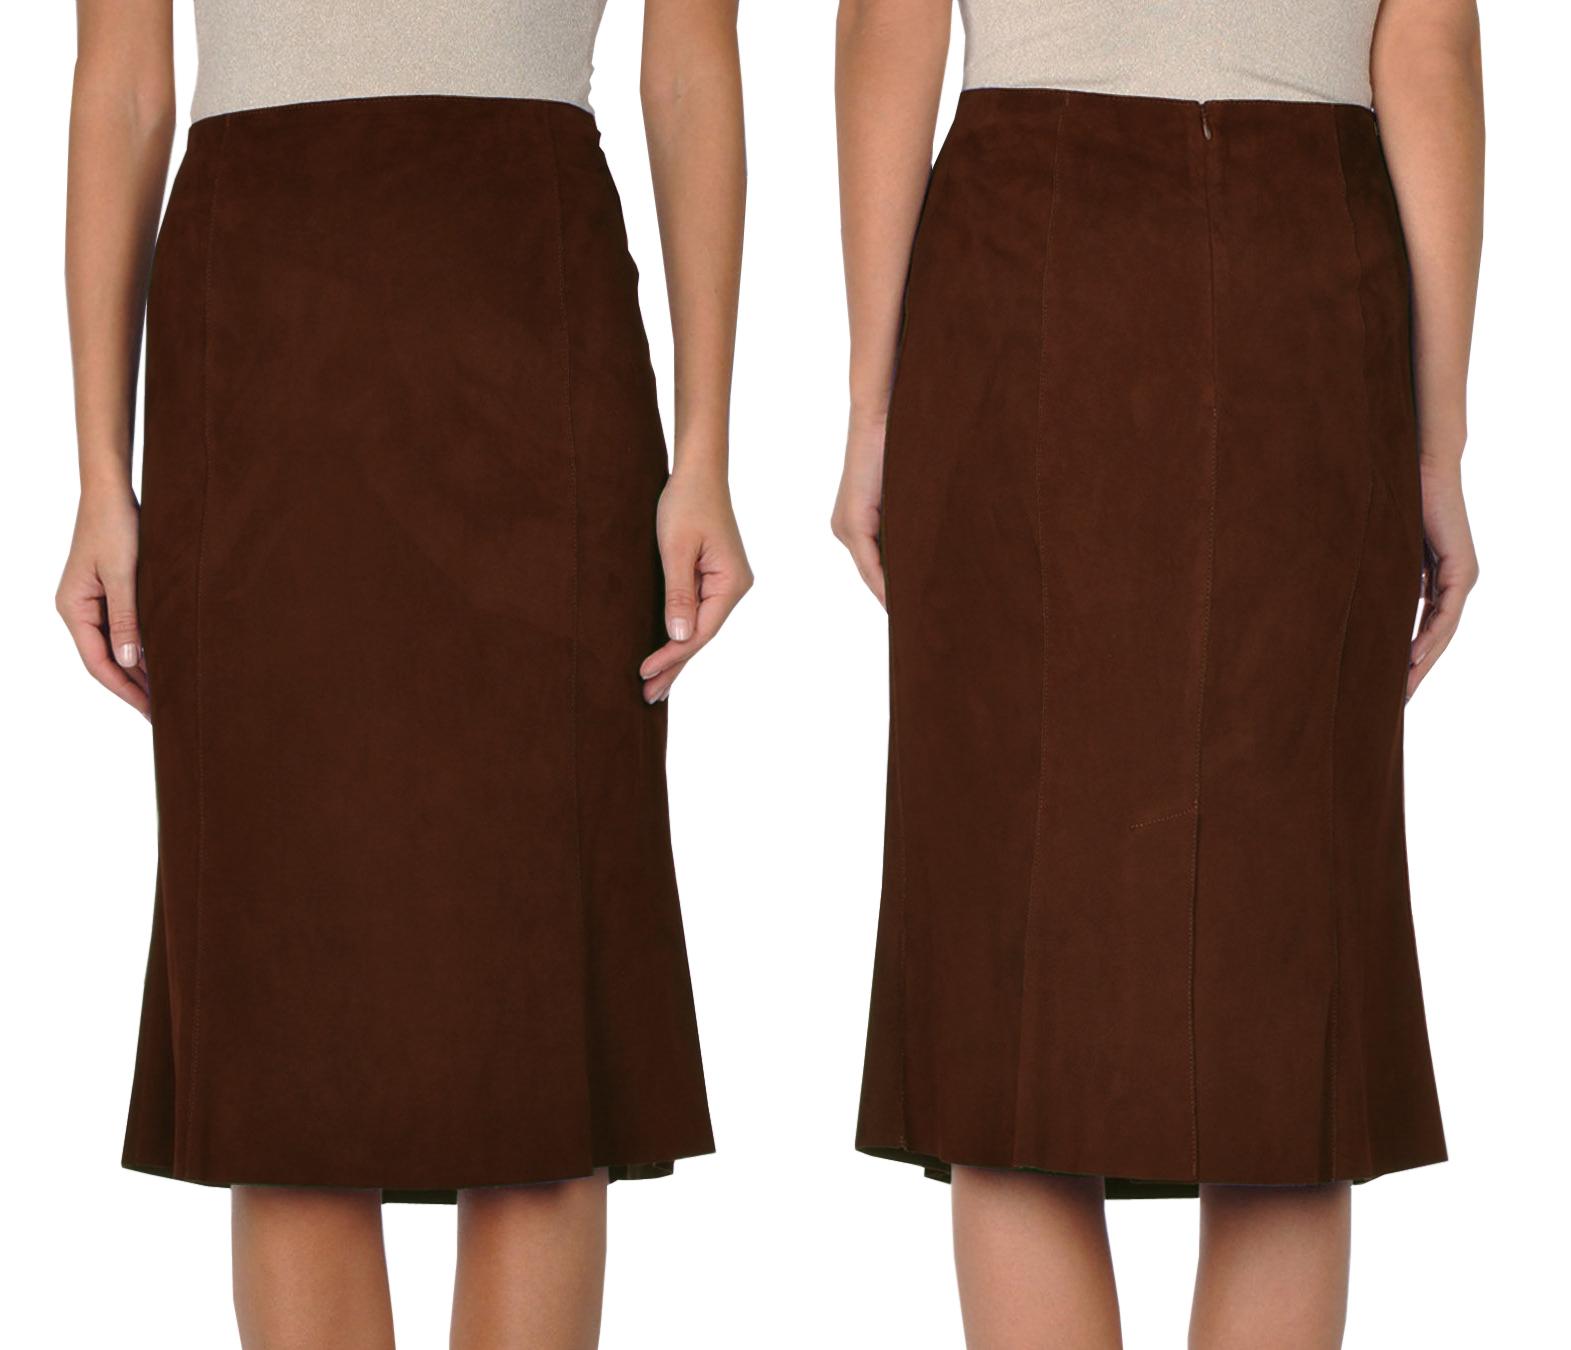 opulent summer leather skirt for